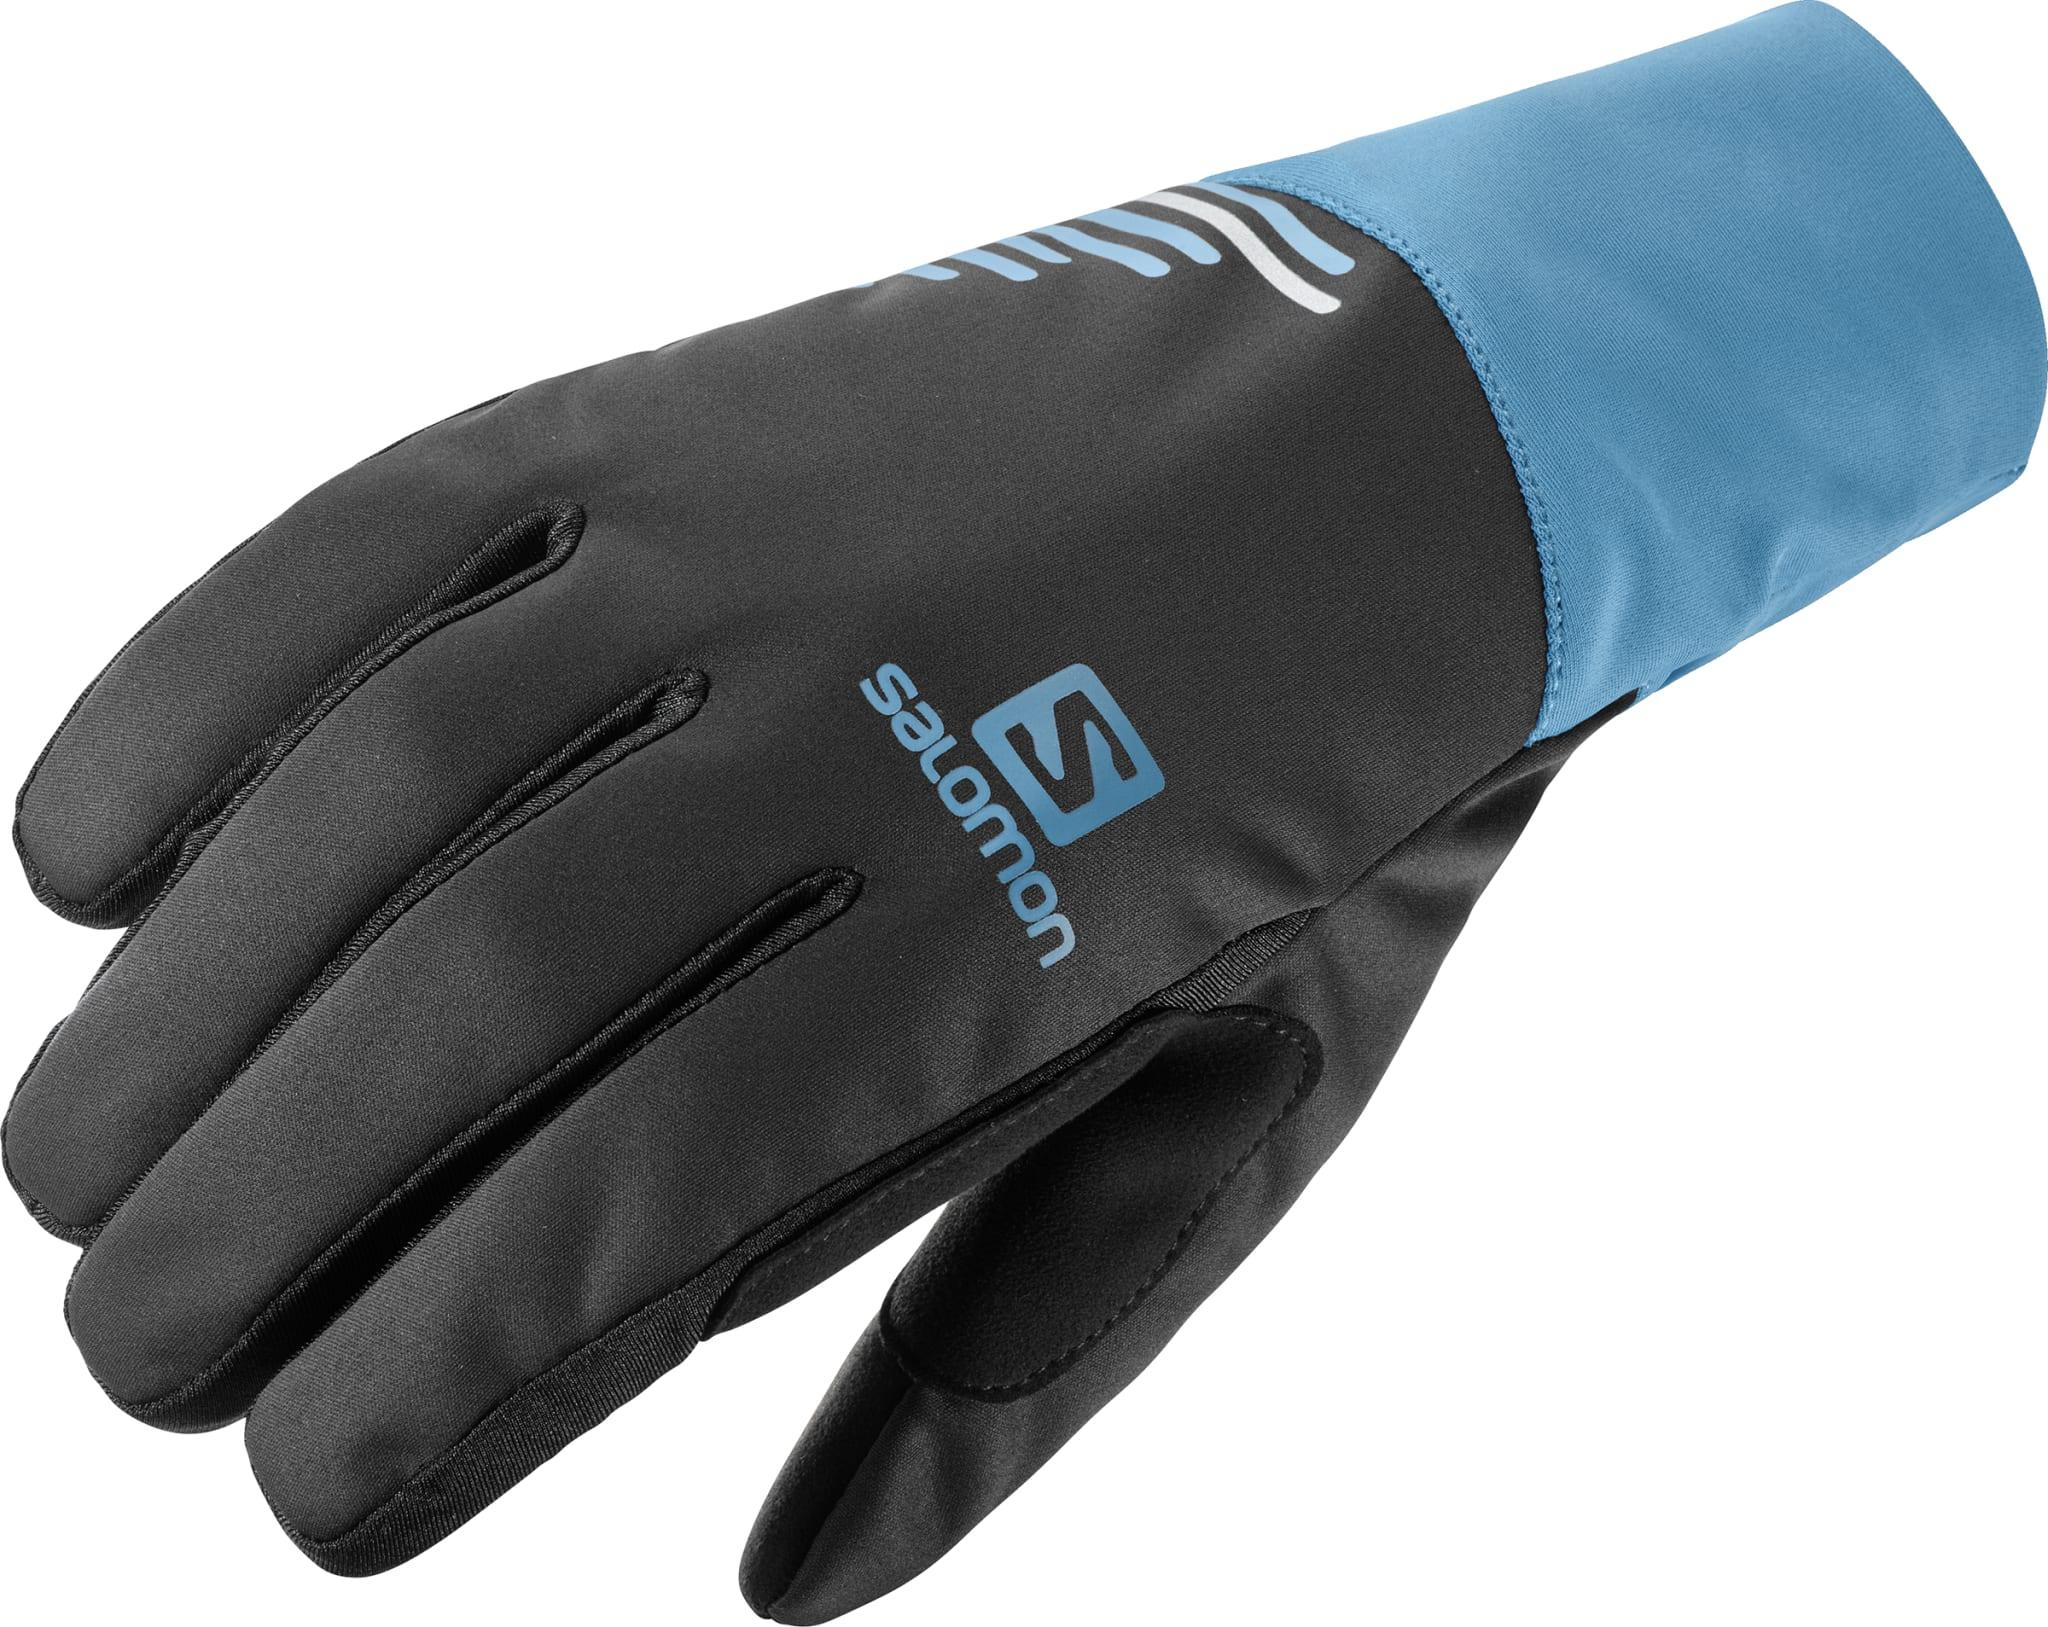 Lette, pustende, stretchy og komfortable hansker for trening og tur